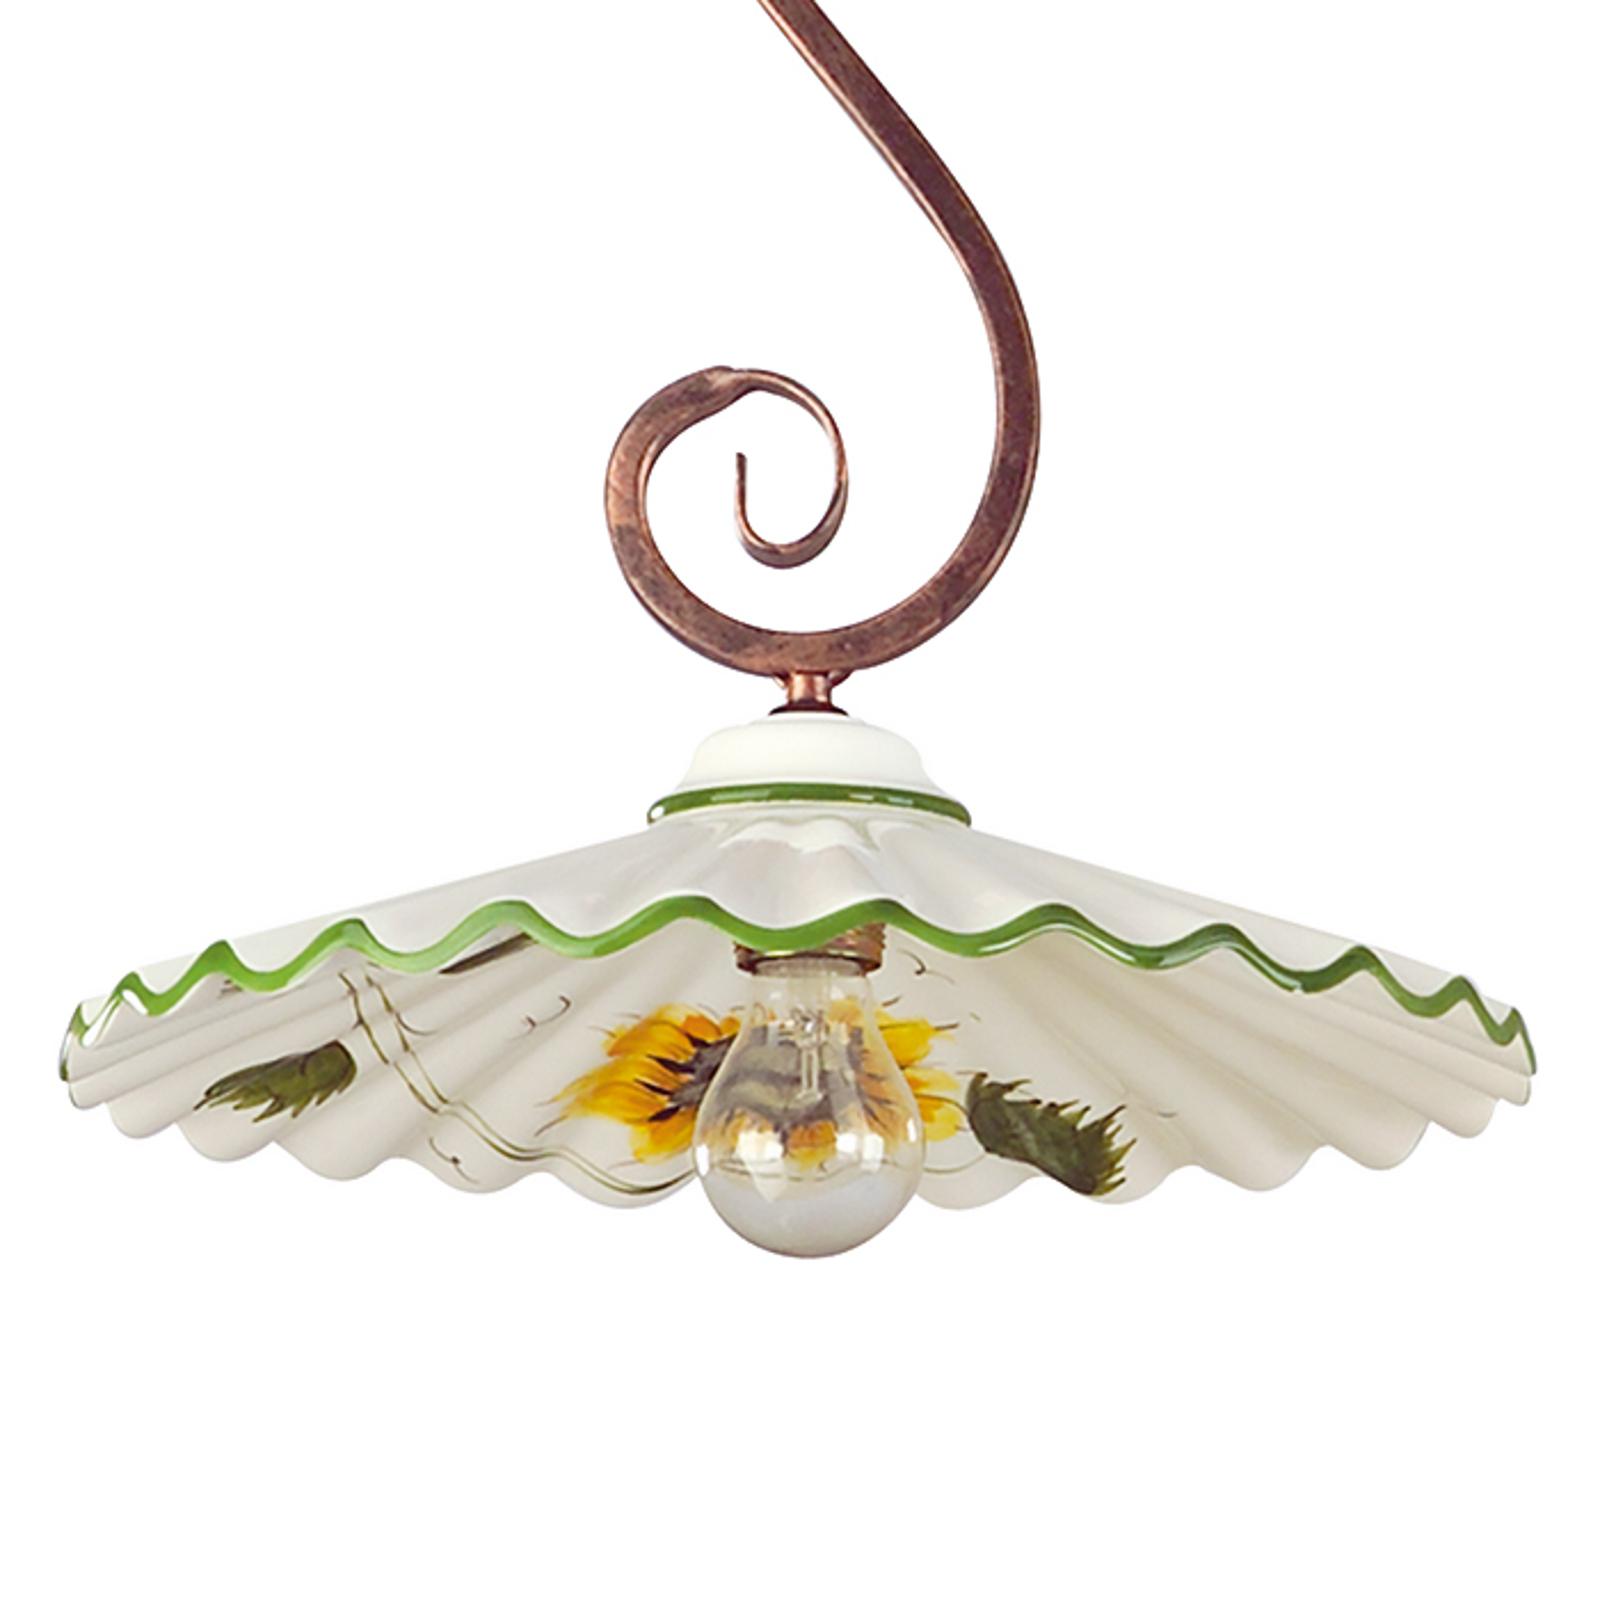 Hængelampe Rusticana m. s-formet stel